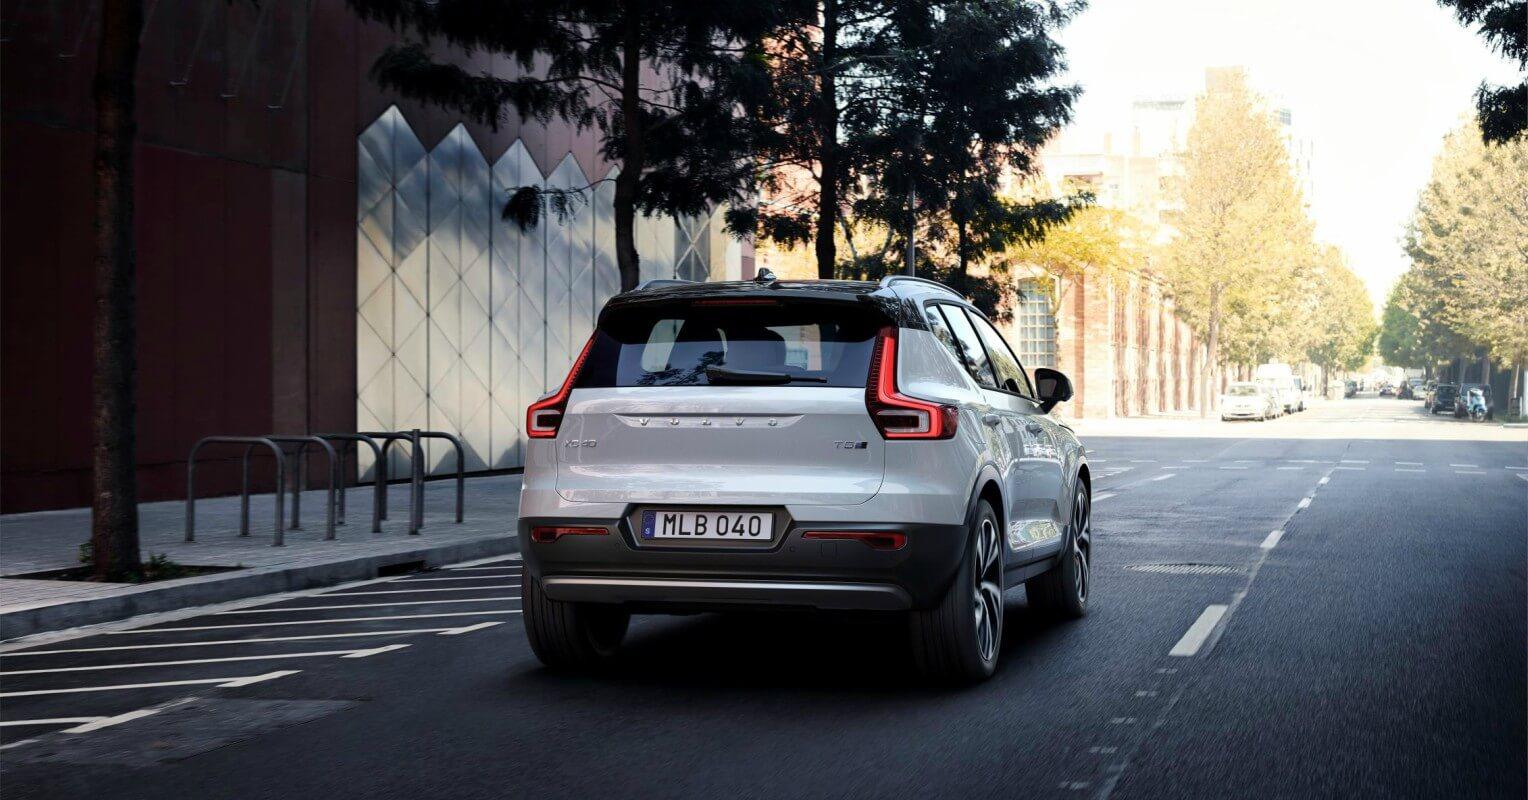 Volvo XC40 finalista coche del año en Europa 2018